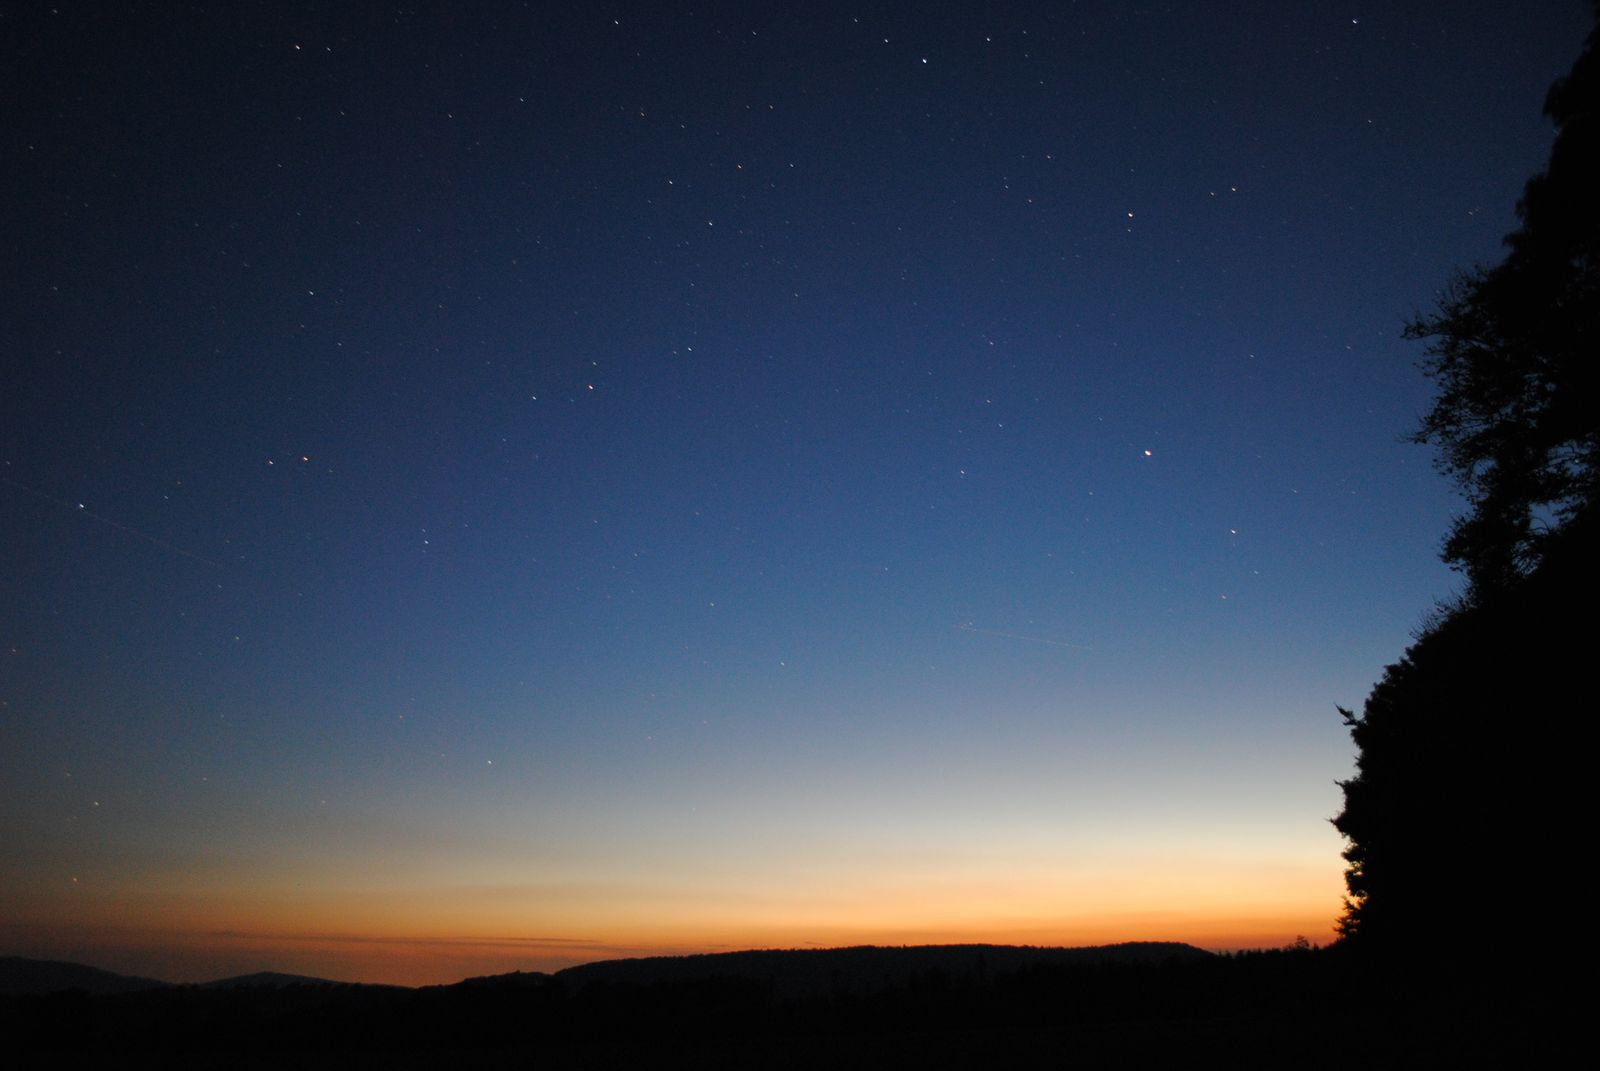 Mit dem Teleskop in der Dämmerung in der Langen Rhön am Schwarzen Moor